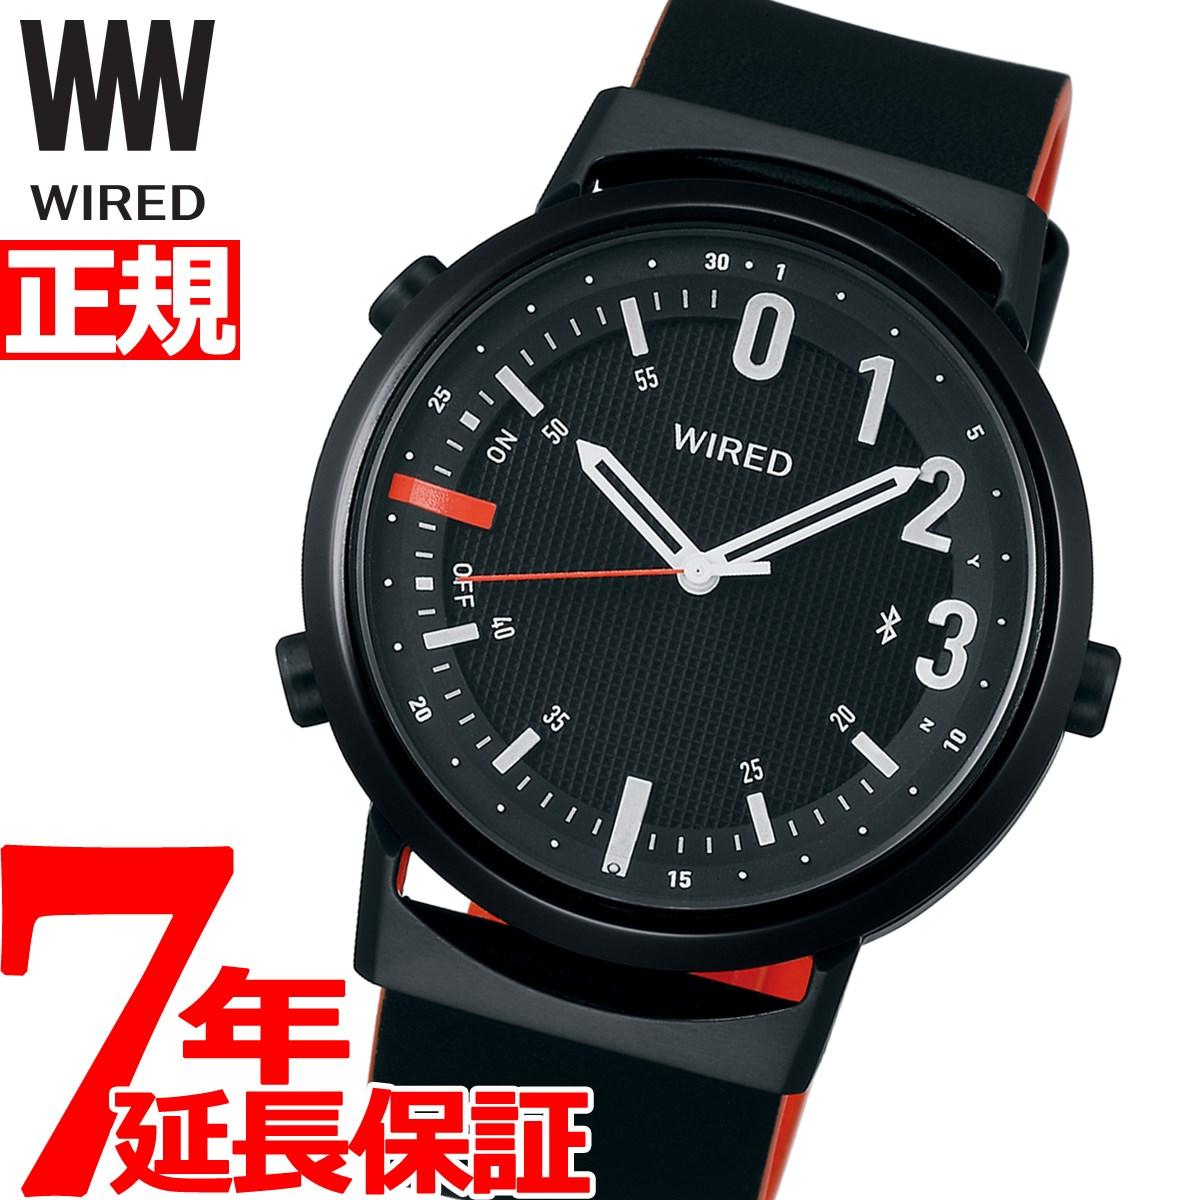 【5日0時~♪2000円OFFクーポン&店内ポイント最大51倍!5日23時59分まで】セイコー ワイアード ツーダブ SEIKO WIRED WW スマートウォッチ Bluetooth 腕時計 メンズ レディース TYPE02 AGAB409